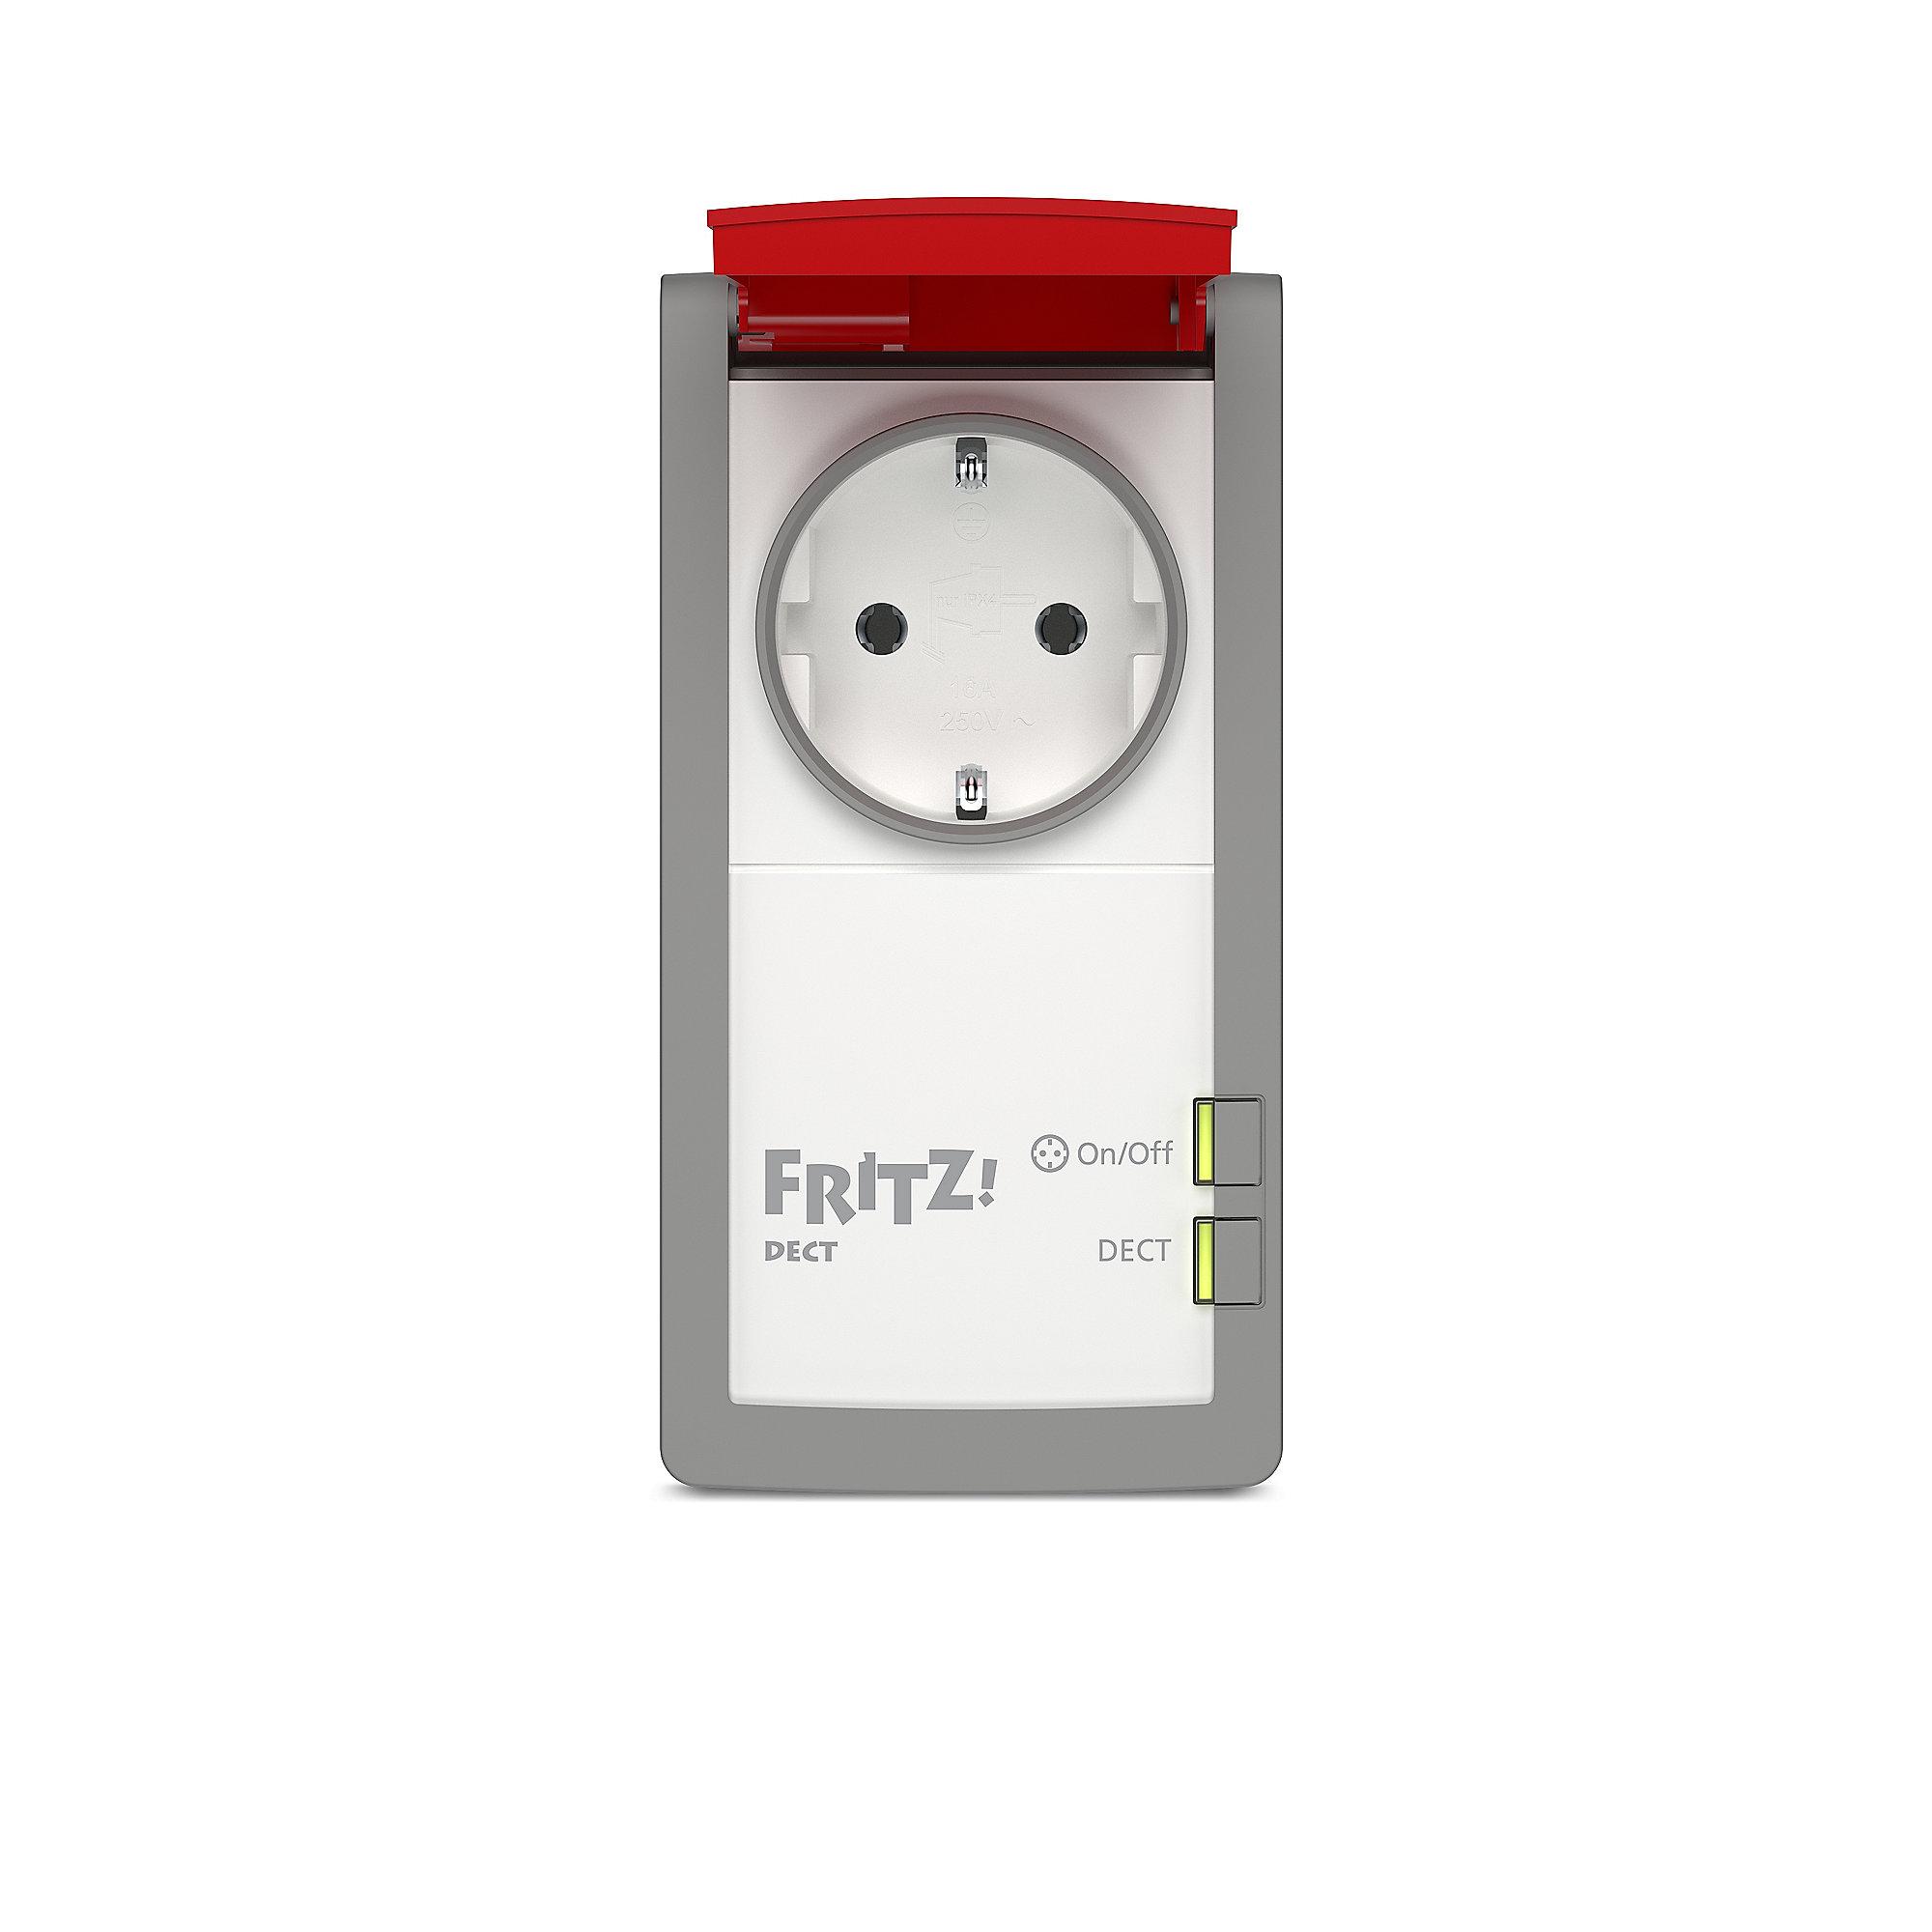 AVM 2er Set FRITZ!DECT 210 intelligente Steckdose für außen ++ Cyberport